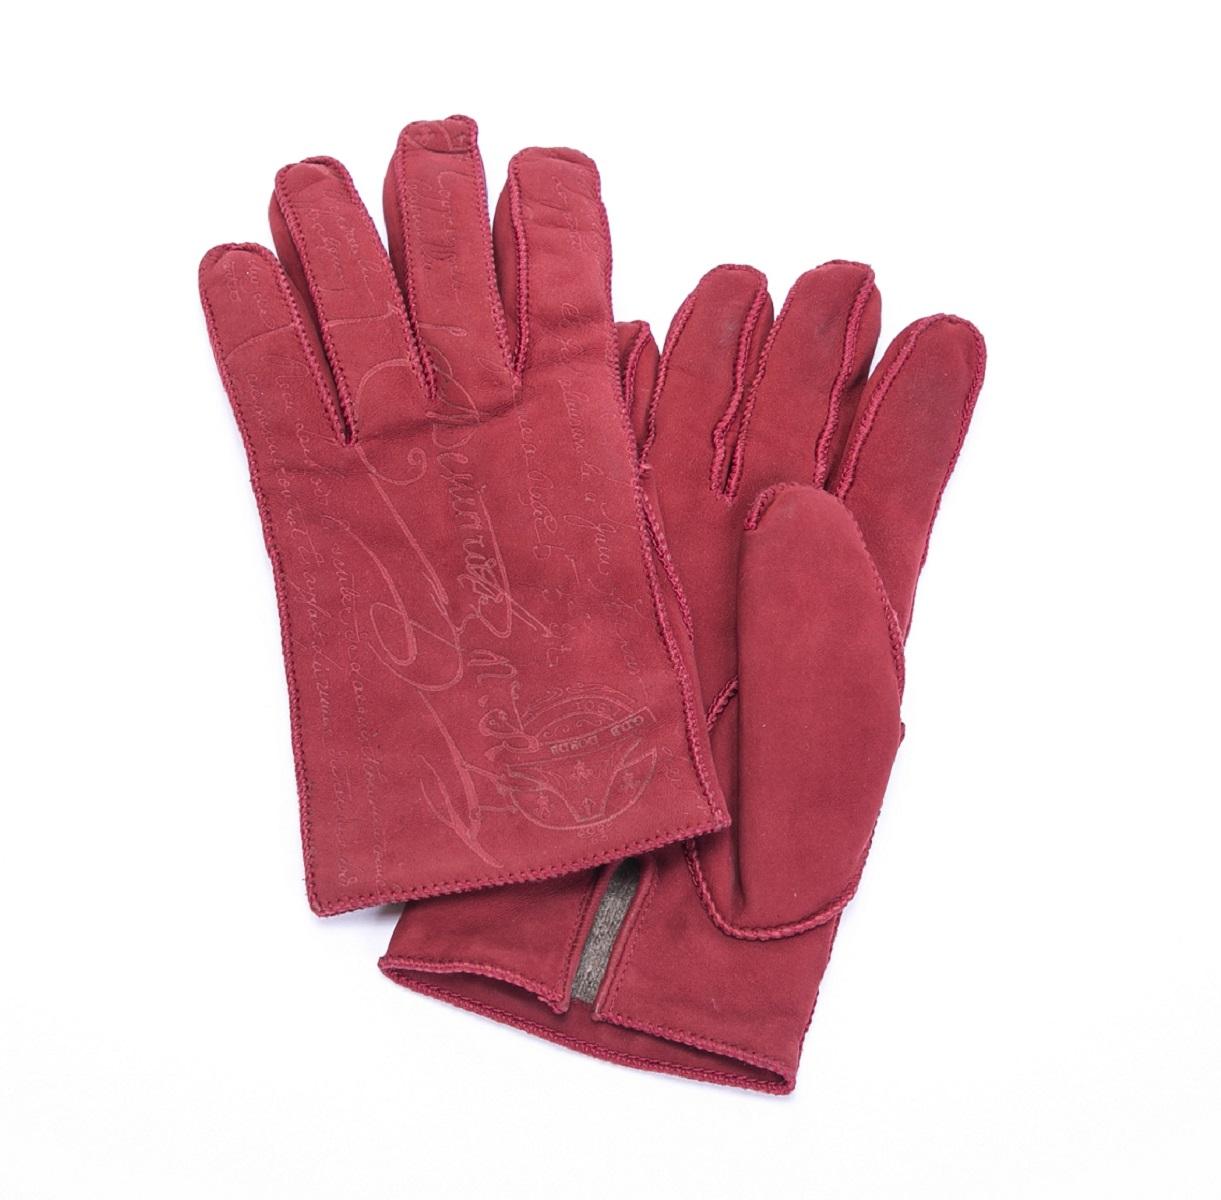 Berluti ベルルッティ 手袋 グローブ レッド 赤 スエード メンズ 紳士用 サイズ8 【トレジャースポット】【中古】